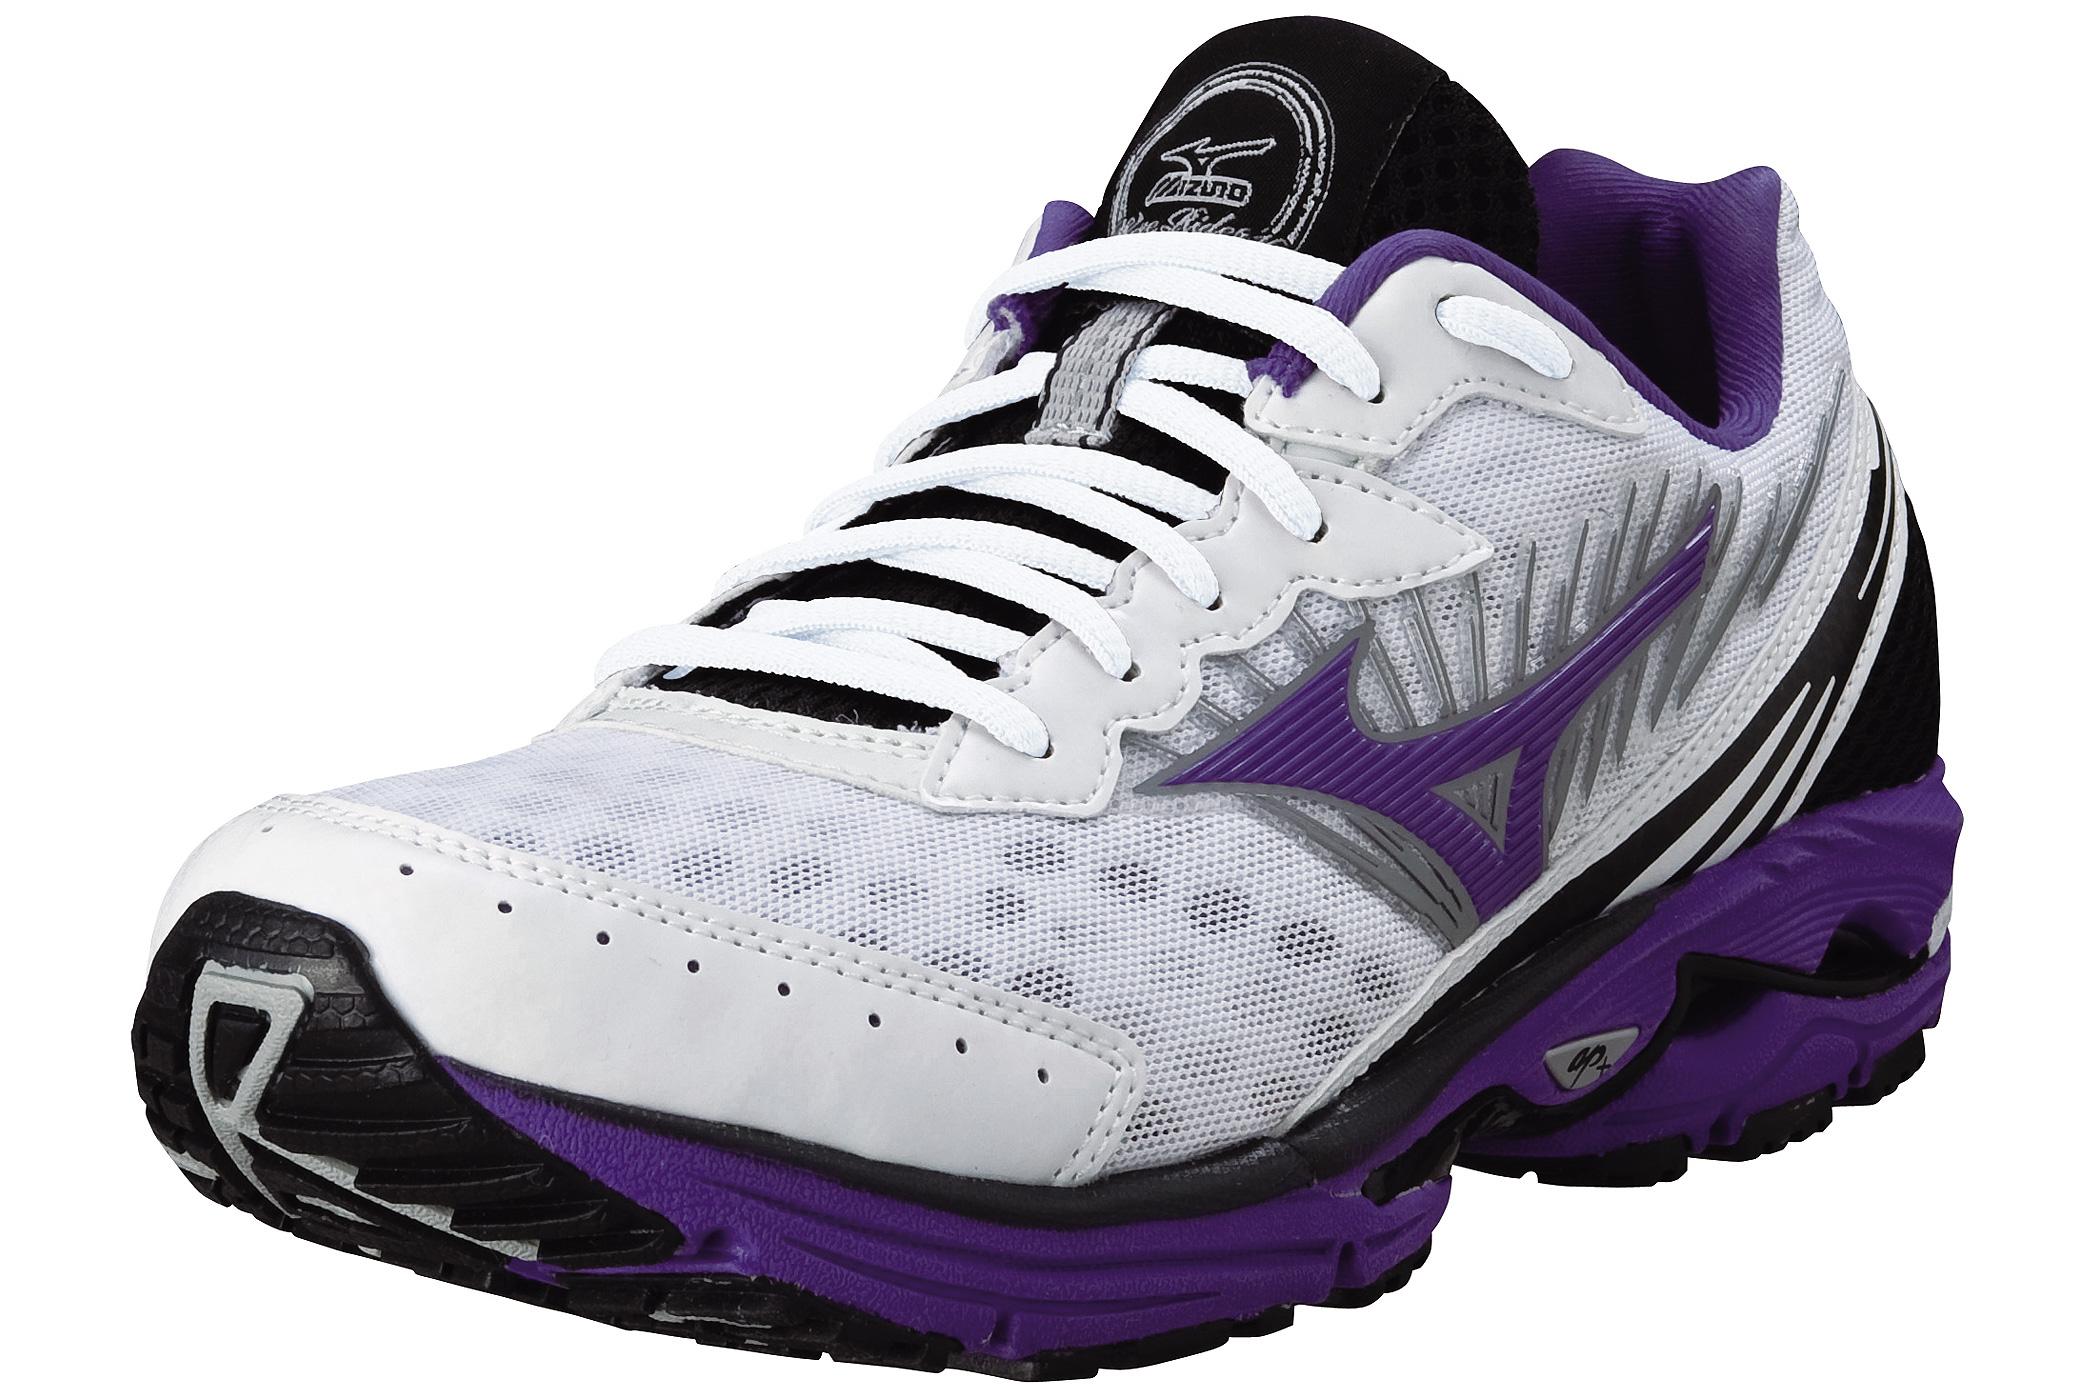 Déplacez-vous avec style et confortablement lors de vos activités sportives grâce à la sélection de baskets et chaussures de sport pour femme sur angrydog.ga